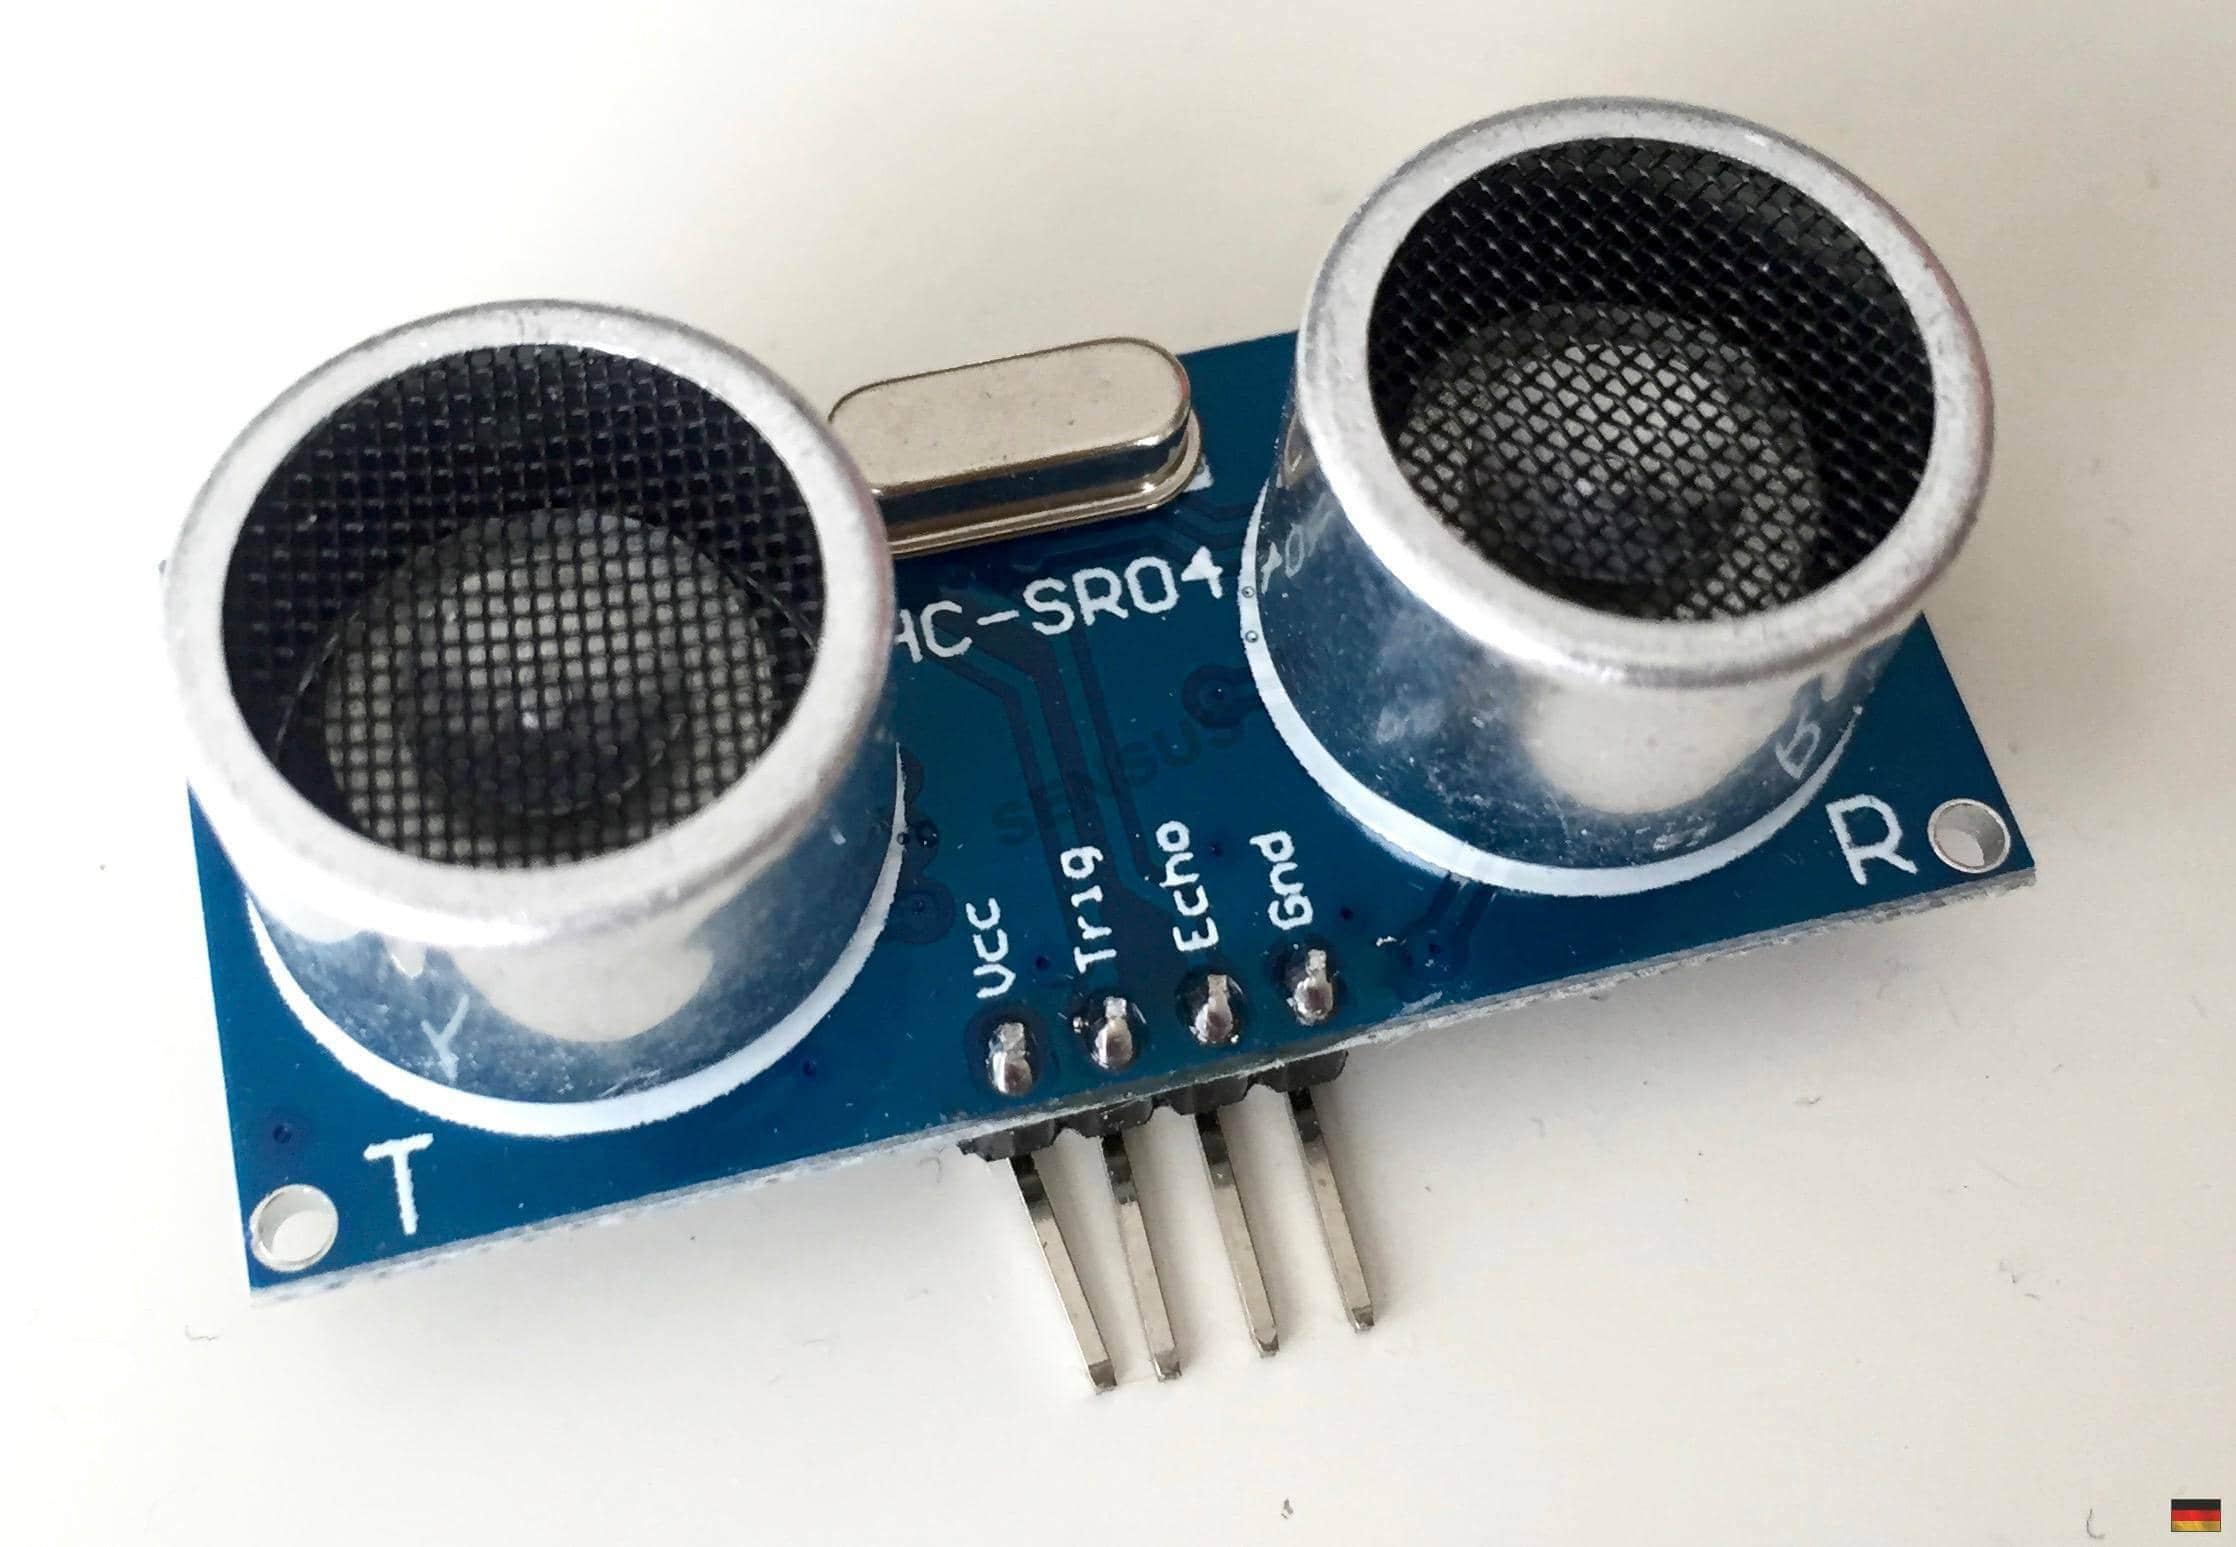 Infrarot Entfernungsmesser Funktionsweise : Hc sr04 ultraschall sensor modul entfernungsmesser arduino raspberry